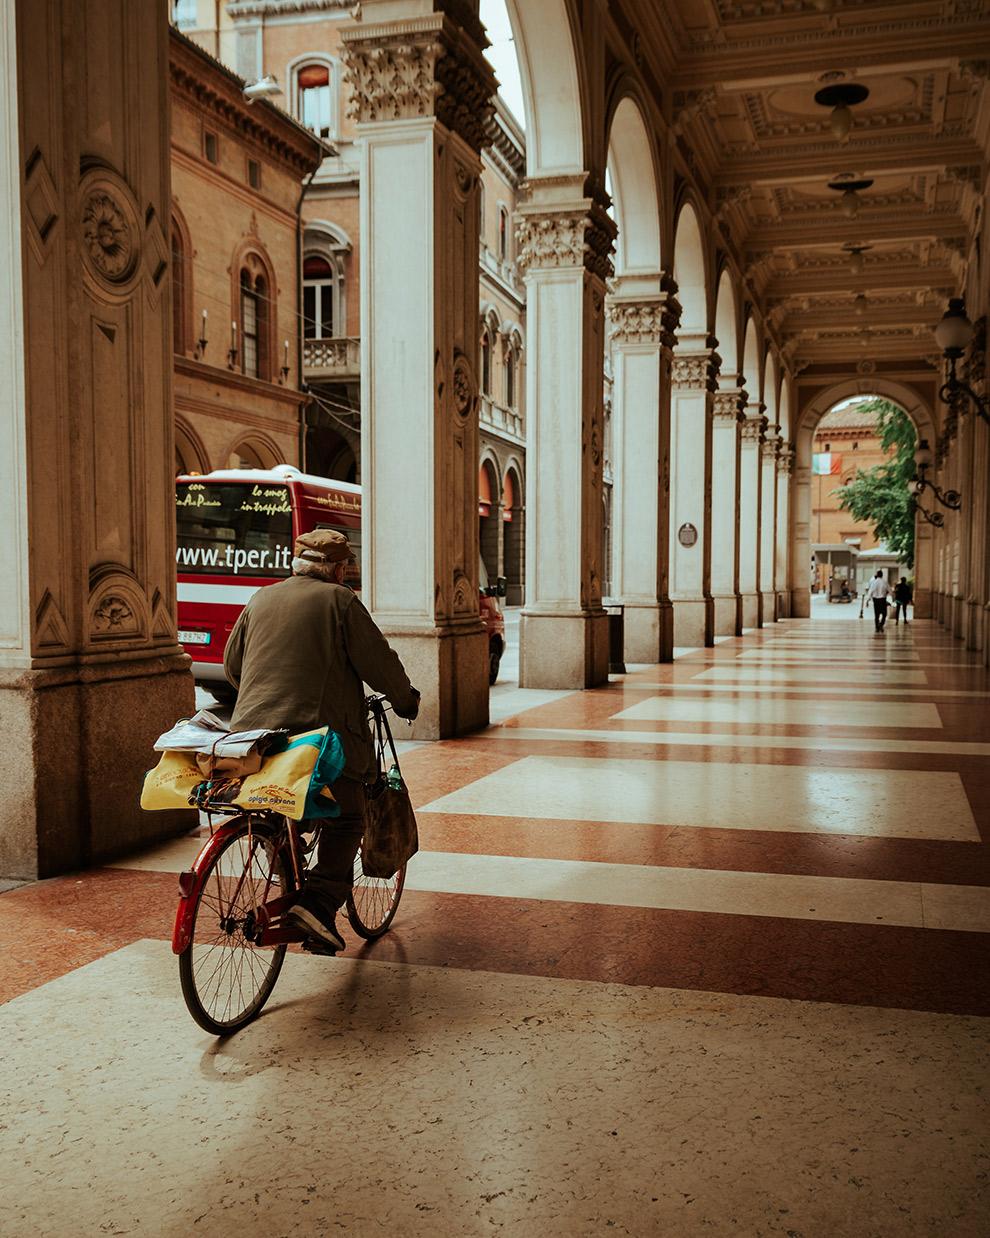 Man fiets door galerij met zuilen in Bologna